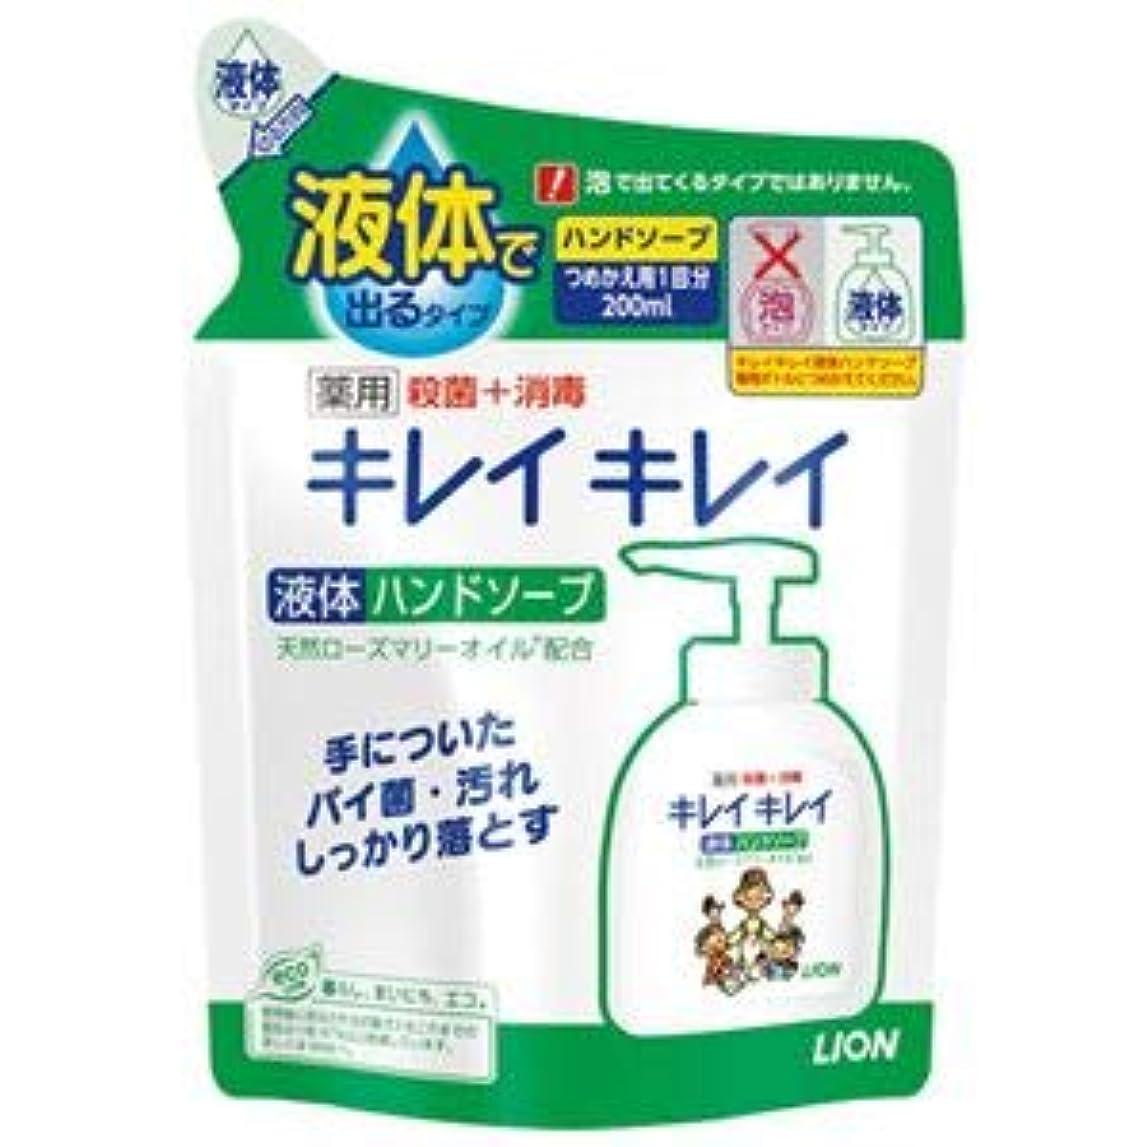 シダ家族メロディー(まとめ) ライオン キレイキレイ 薬用ハンドソープ 詰替用【×30セット】